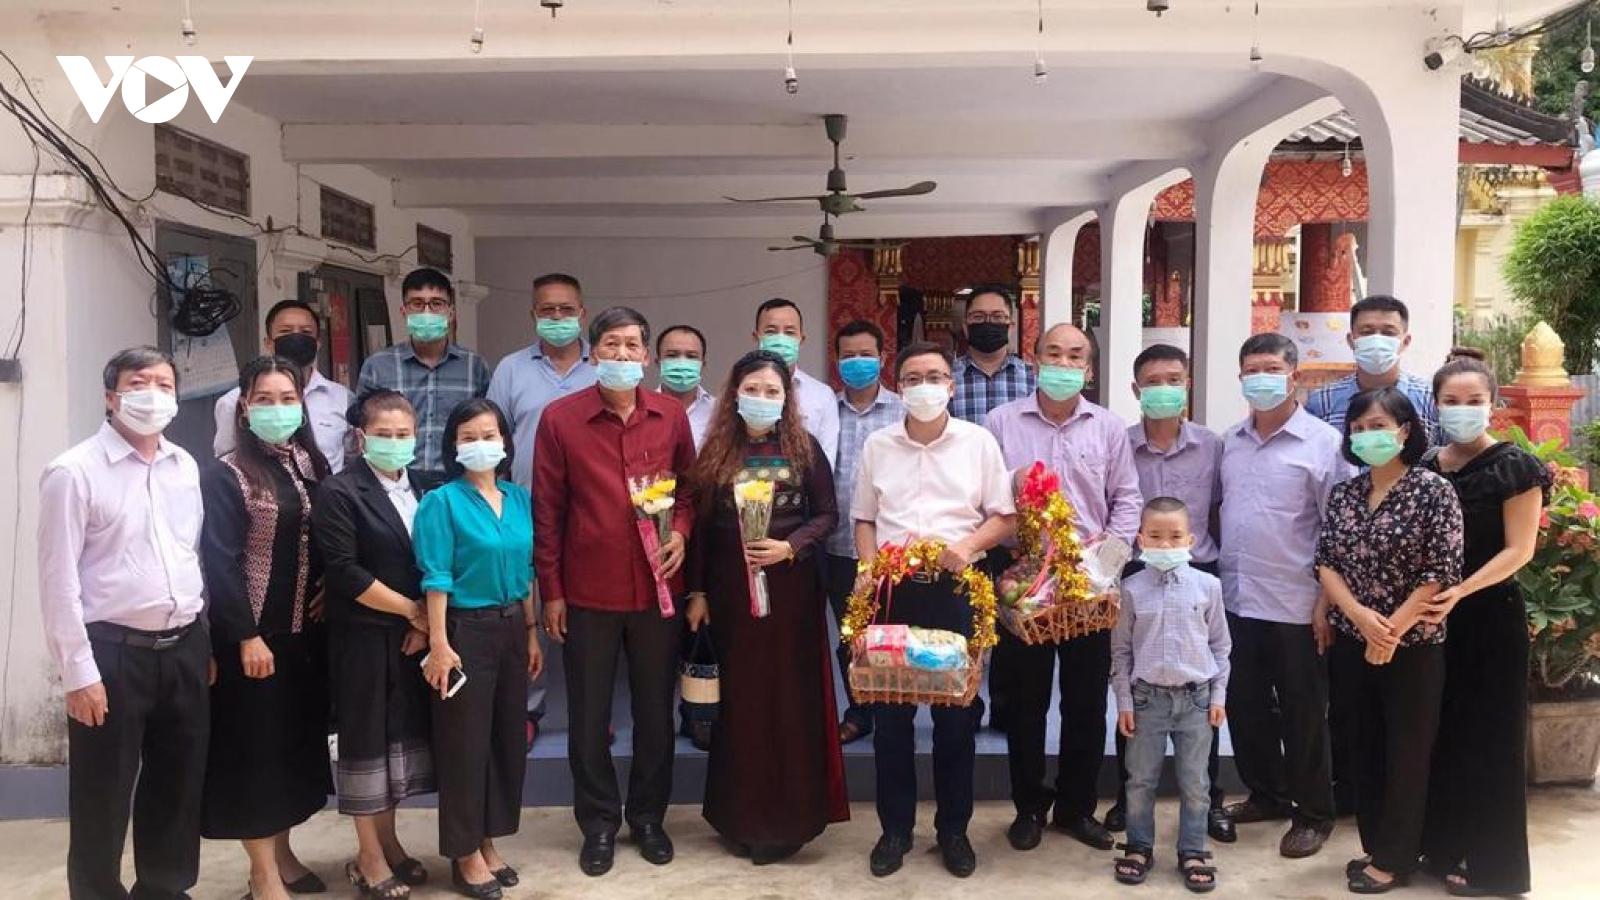 Tổng Lãnh sự quán Việt Nam tại Luang Prabang (Lào) kỷ niệm Ngày Thương binh - Liệt sĩ